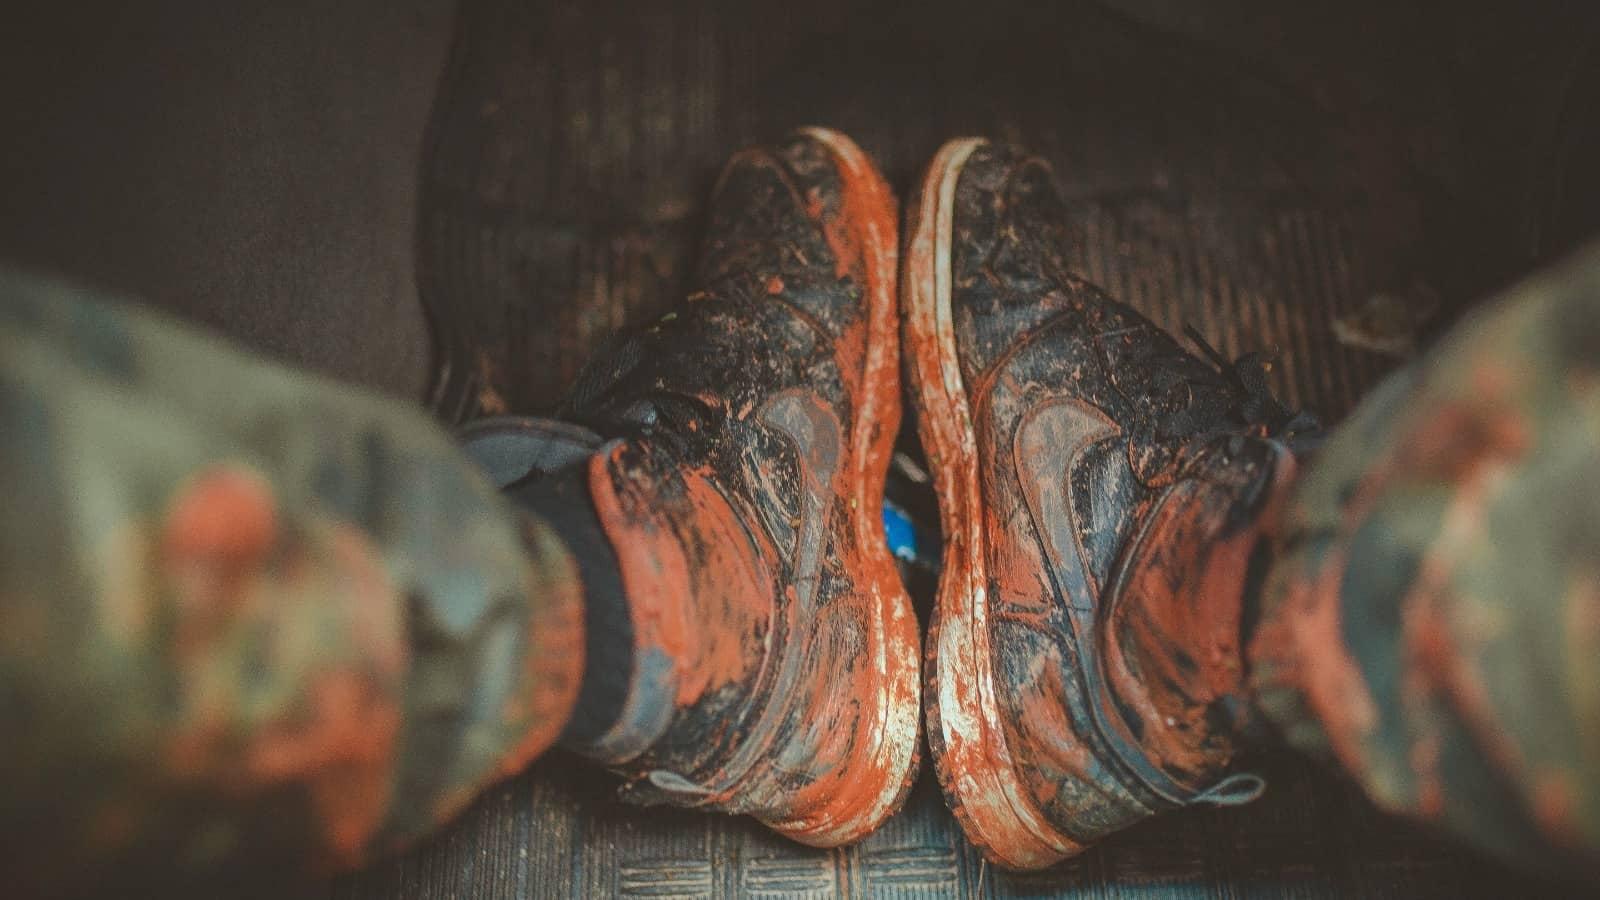 EI Agency - schoenen die vies zijn van het gekleurde poeder